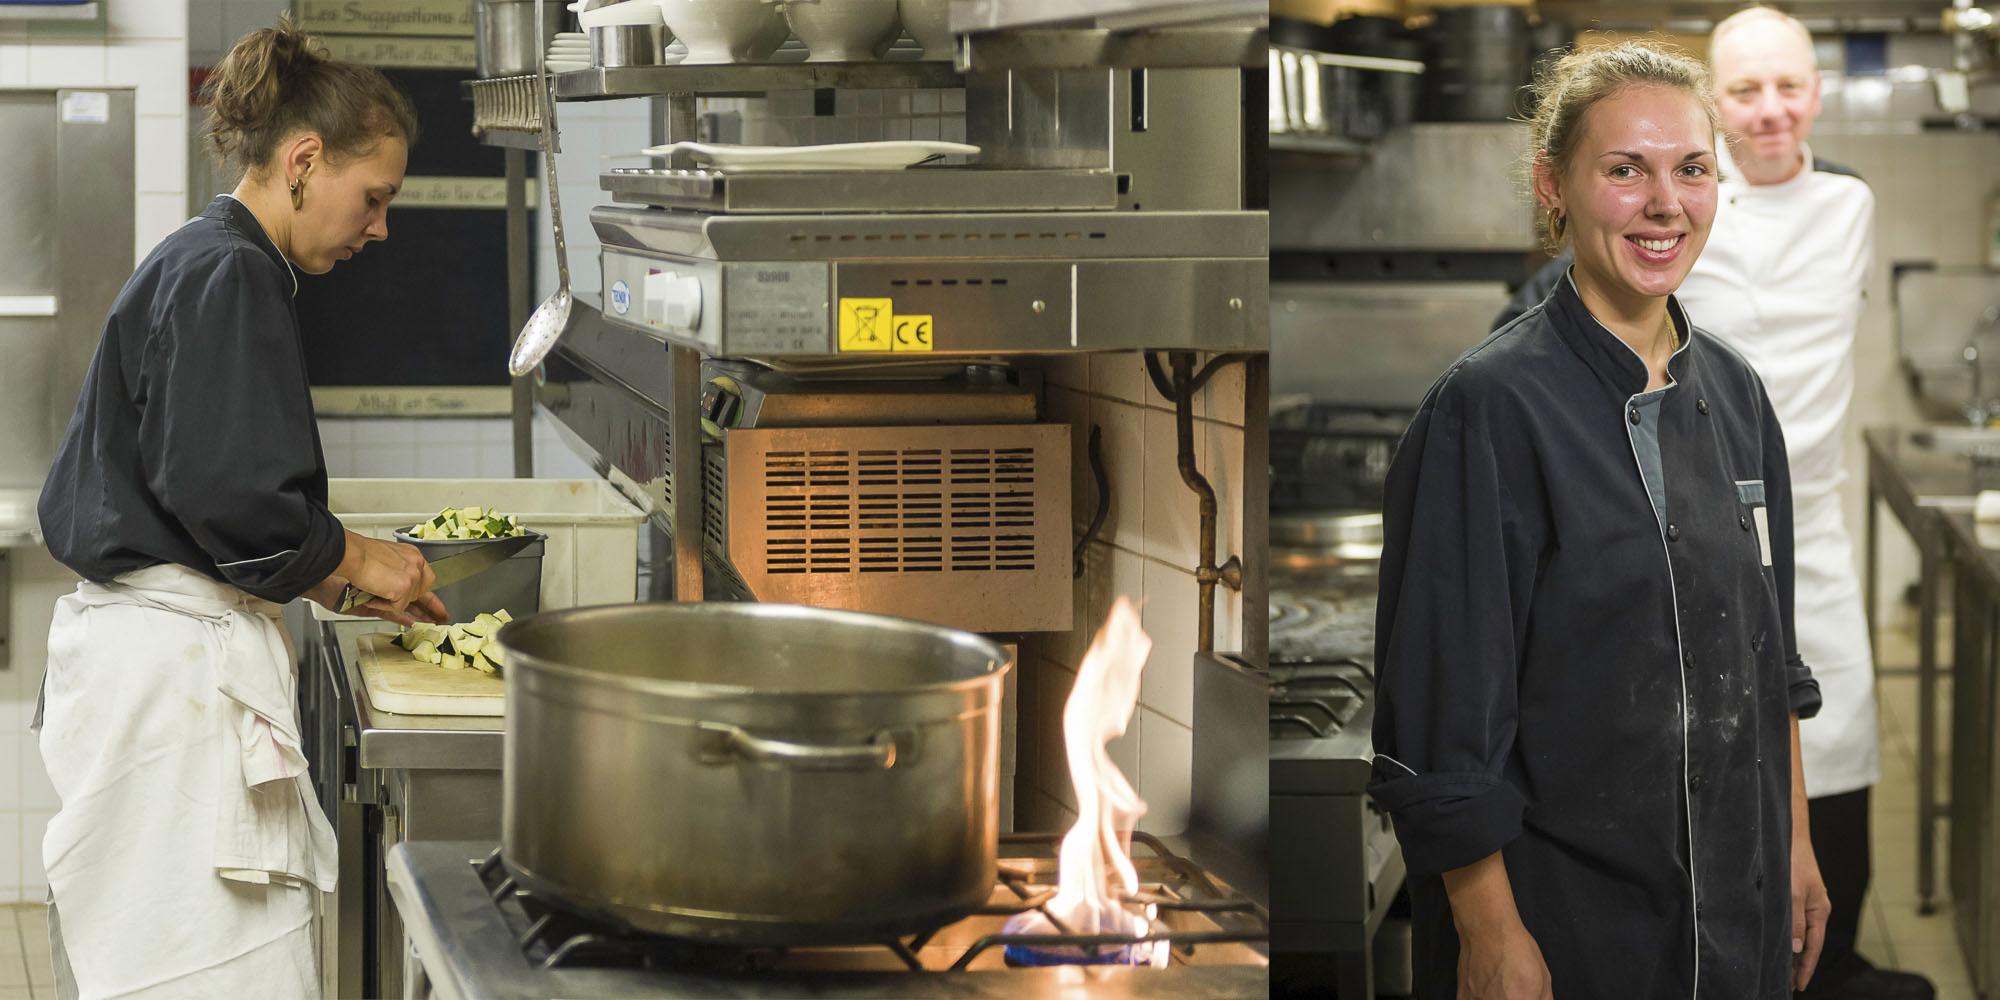 reportage photo, cuisiniere au travail dans une brasserie à Vannes